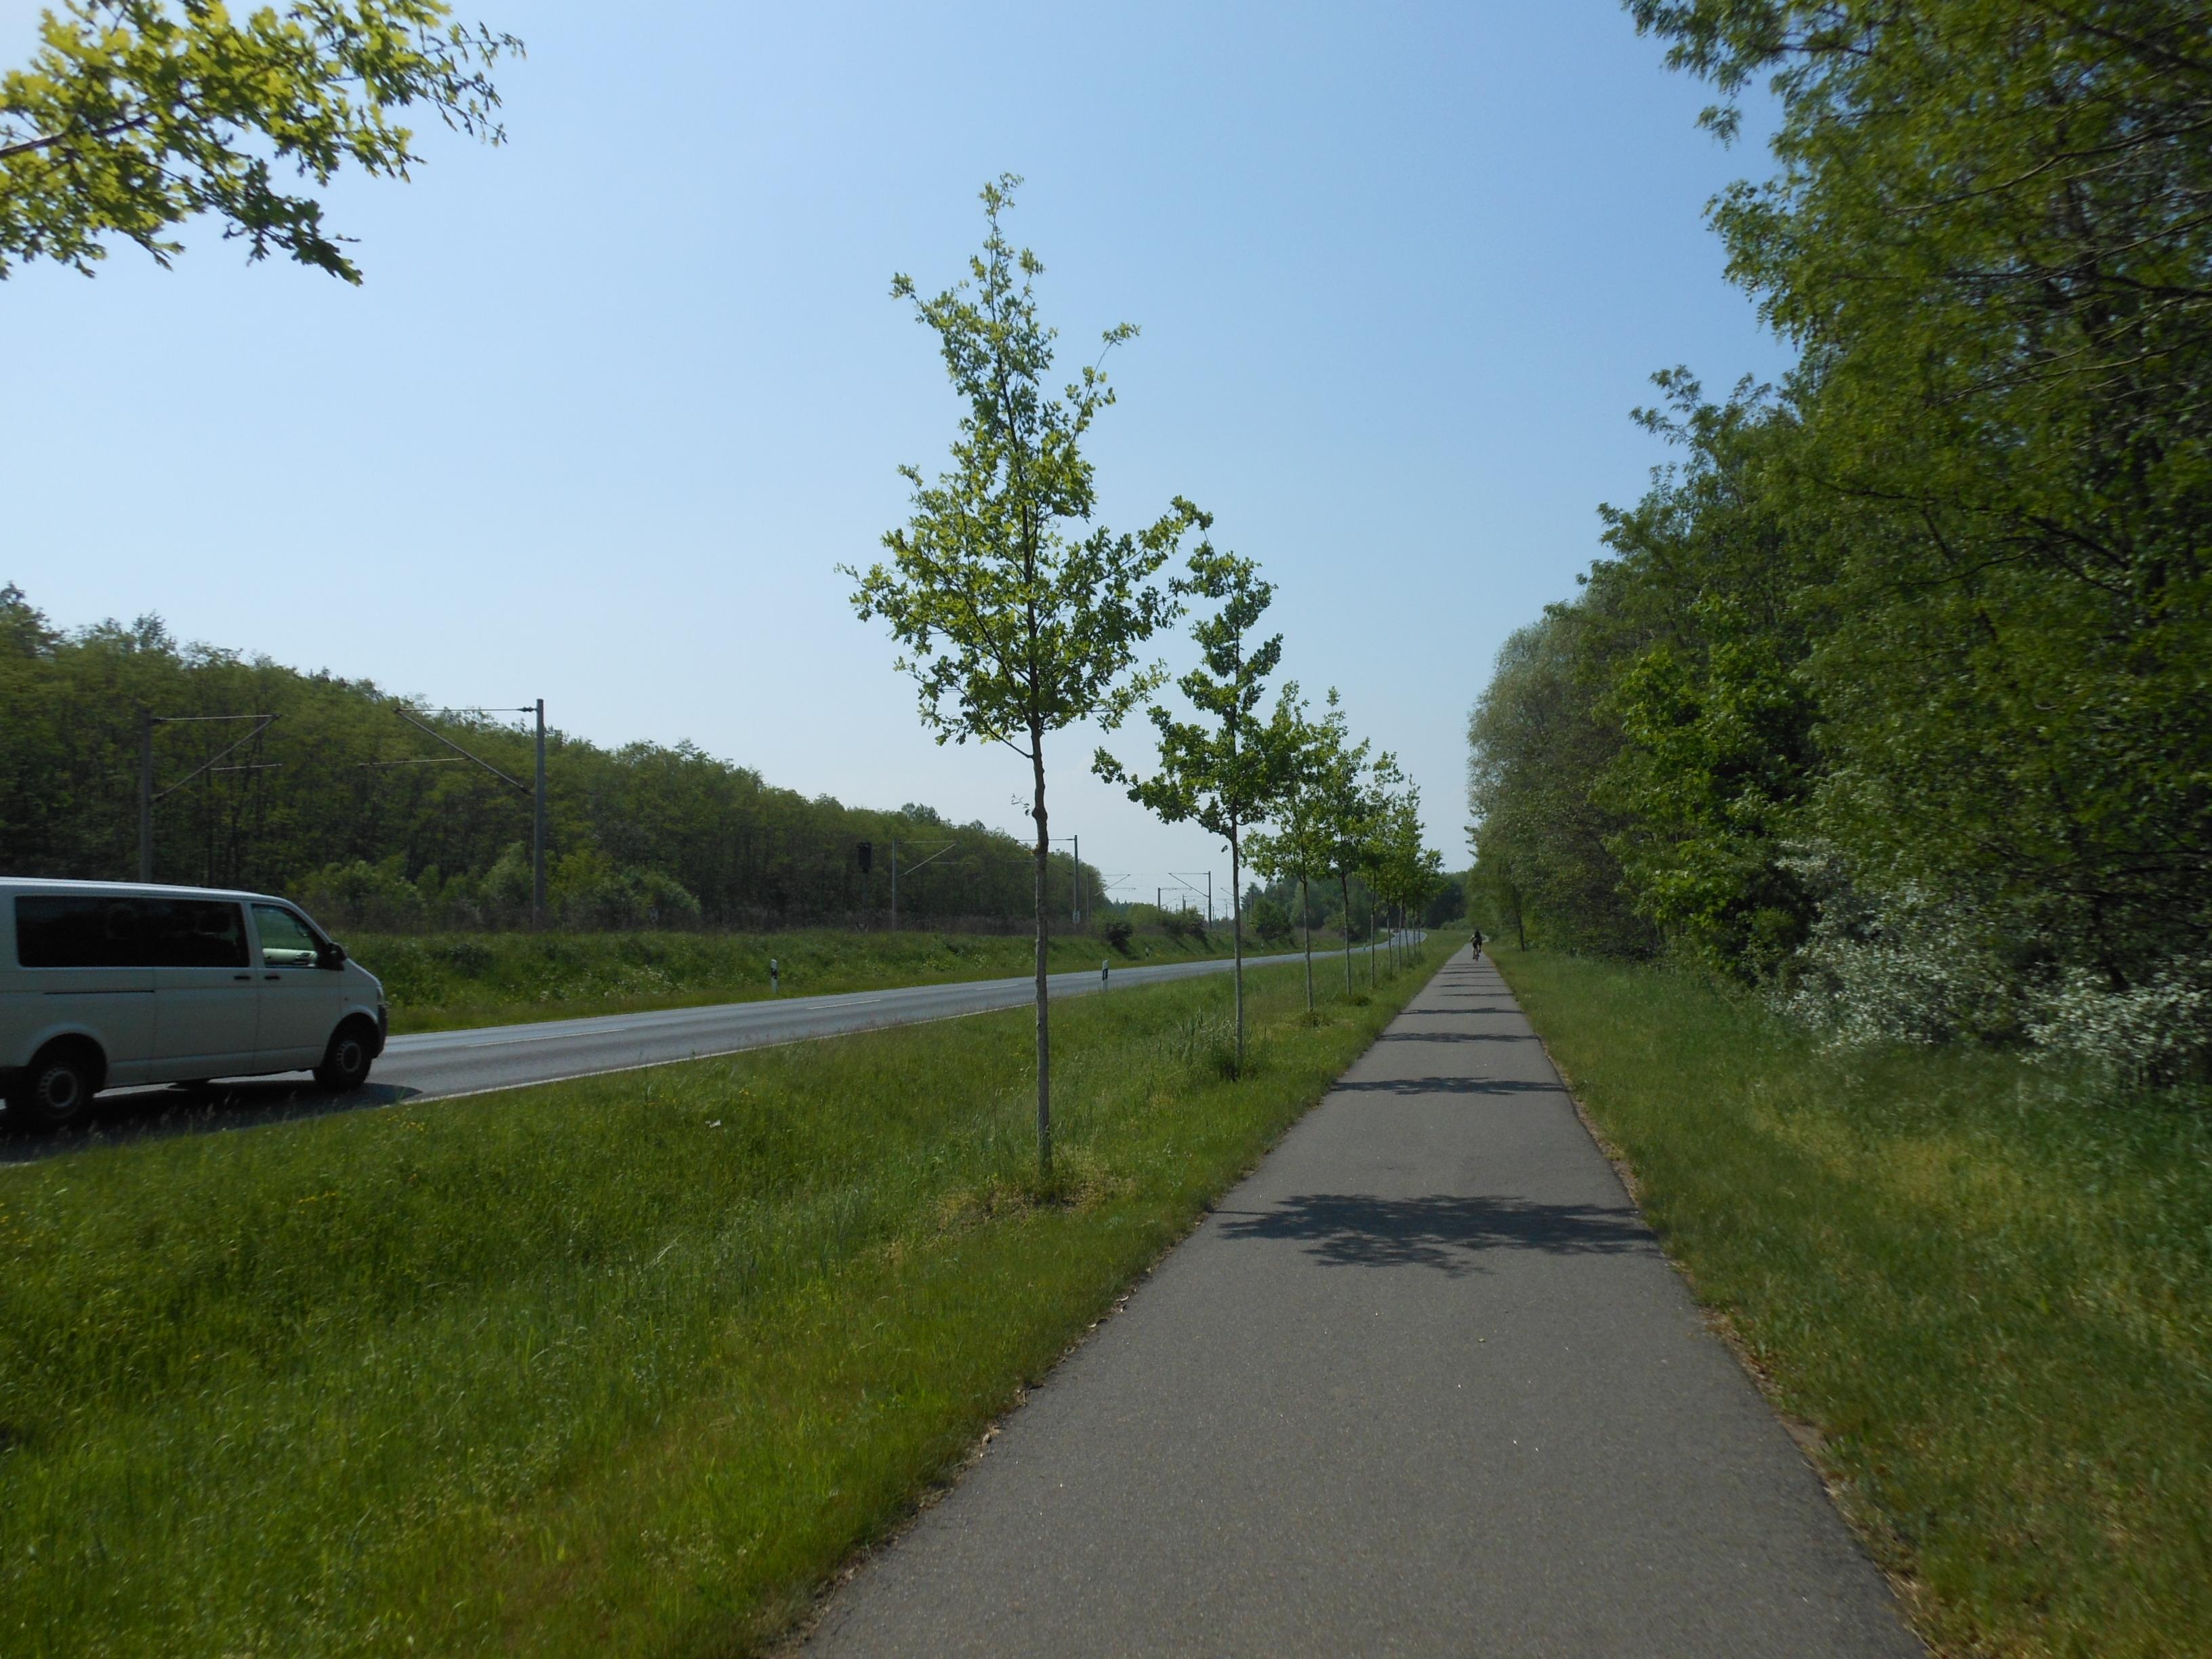 Wyhratalradweg